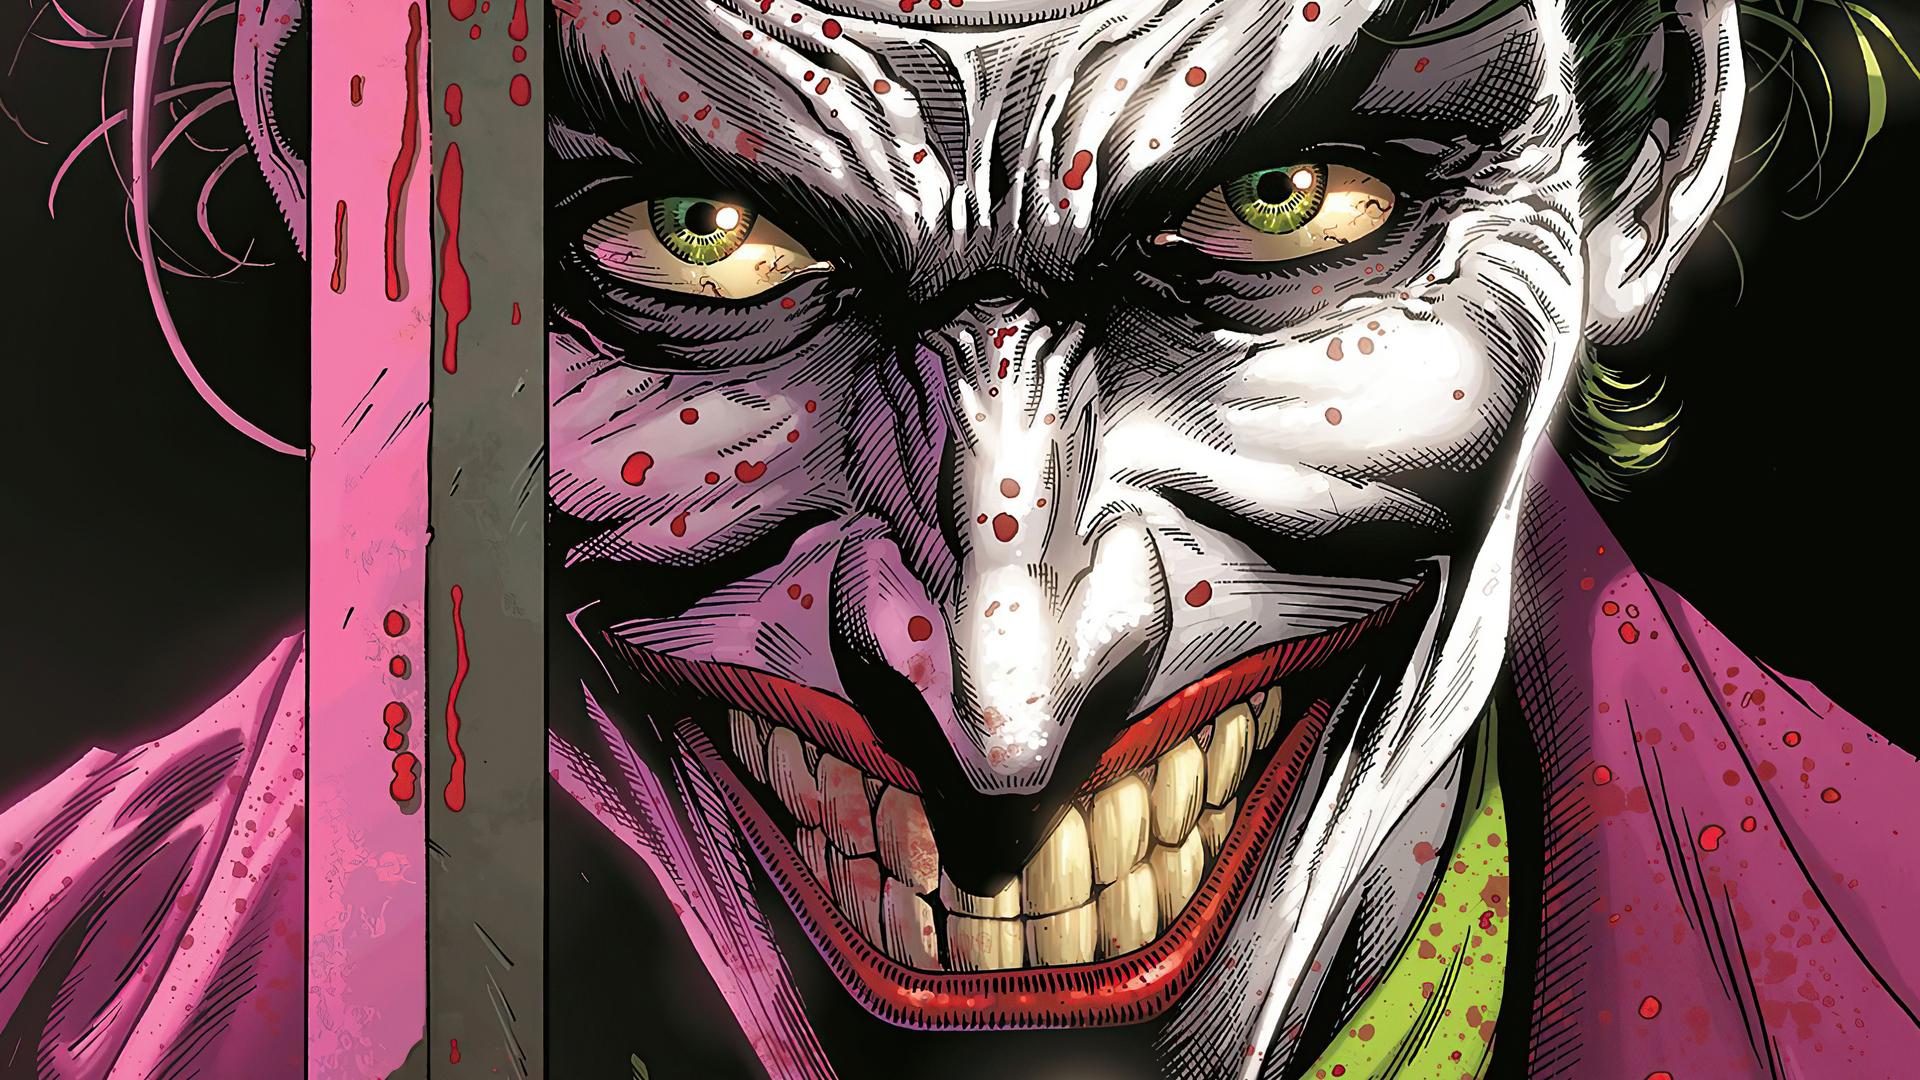 1920x1080 Joker Devil Smile 4k Laptop Full HD 1080P HD 4k ...